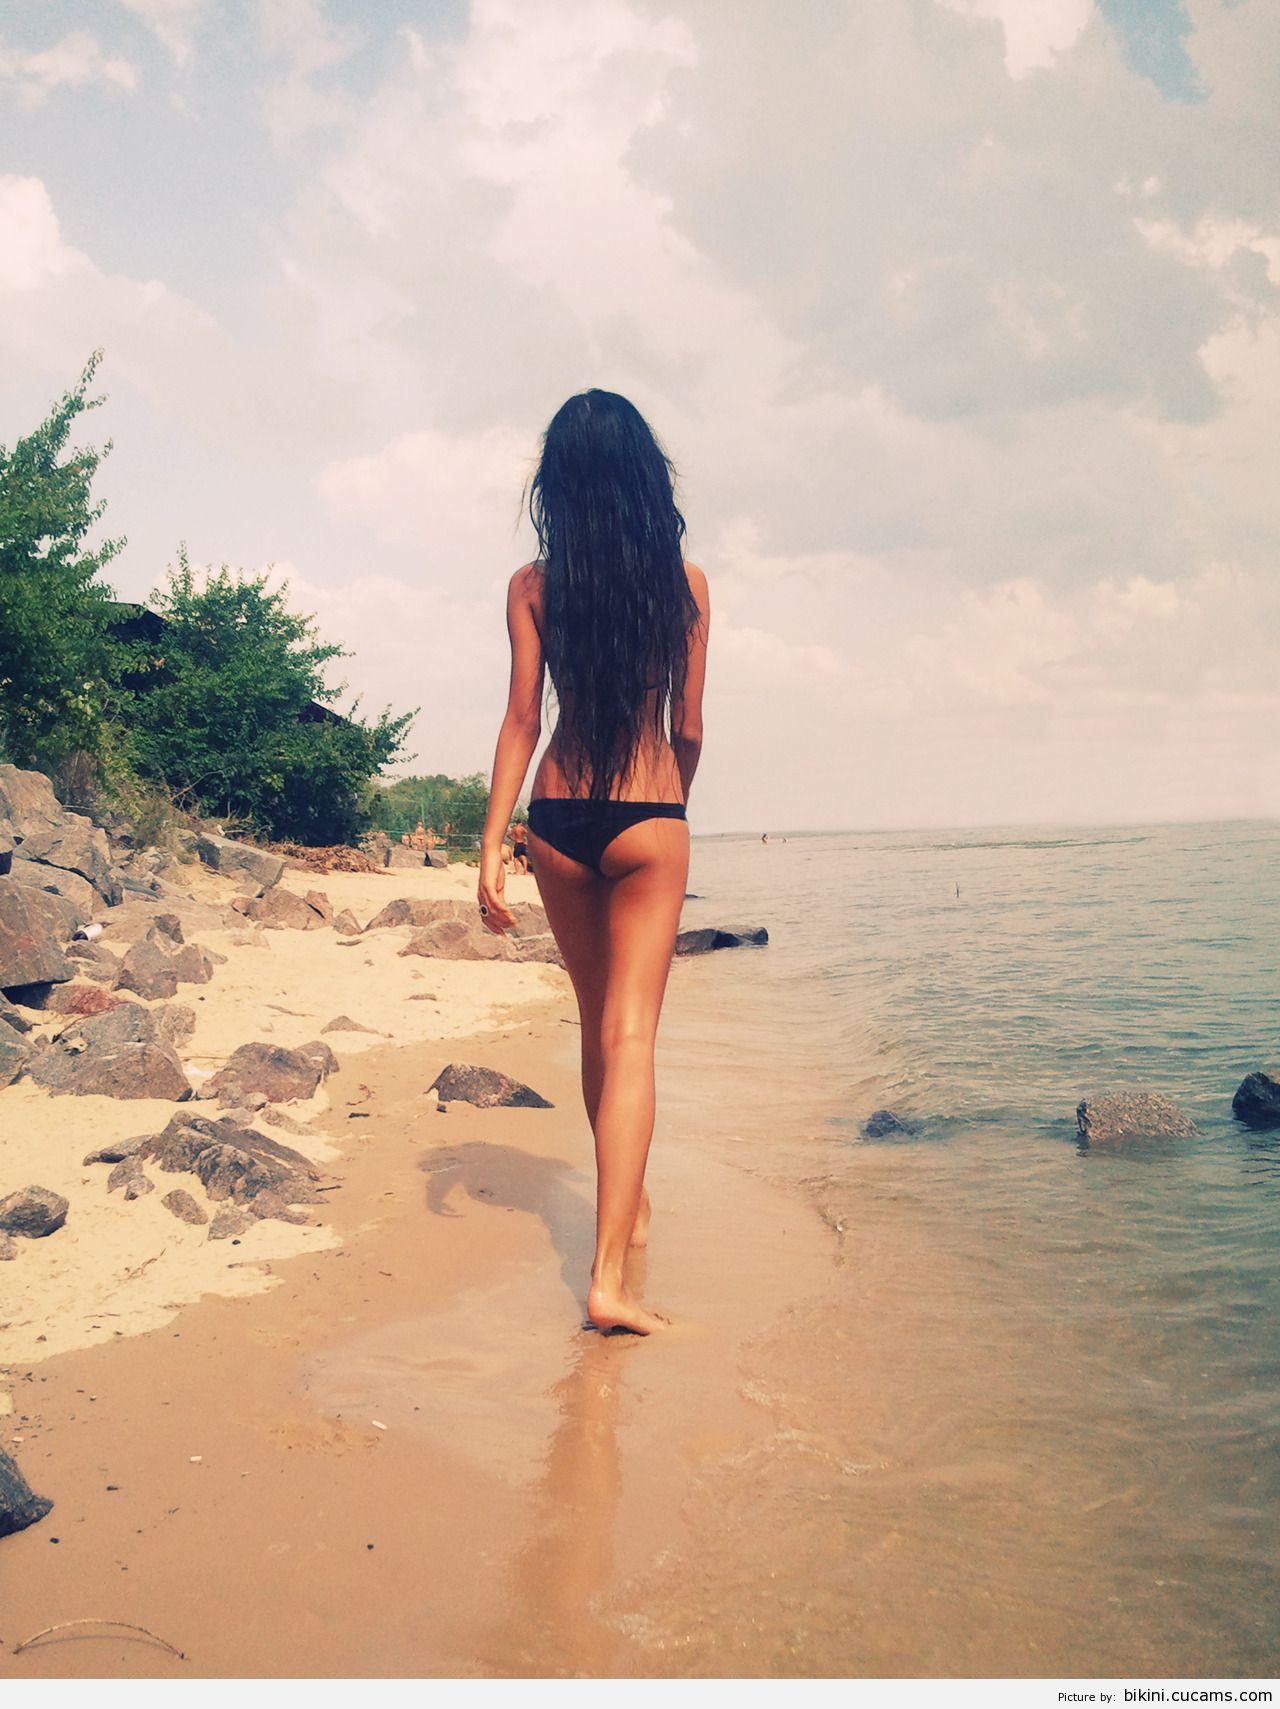 Bikini Gyno Gagging by bikini.cucams.com